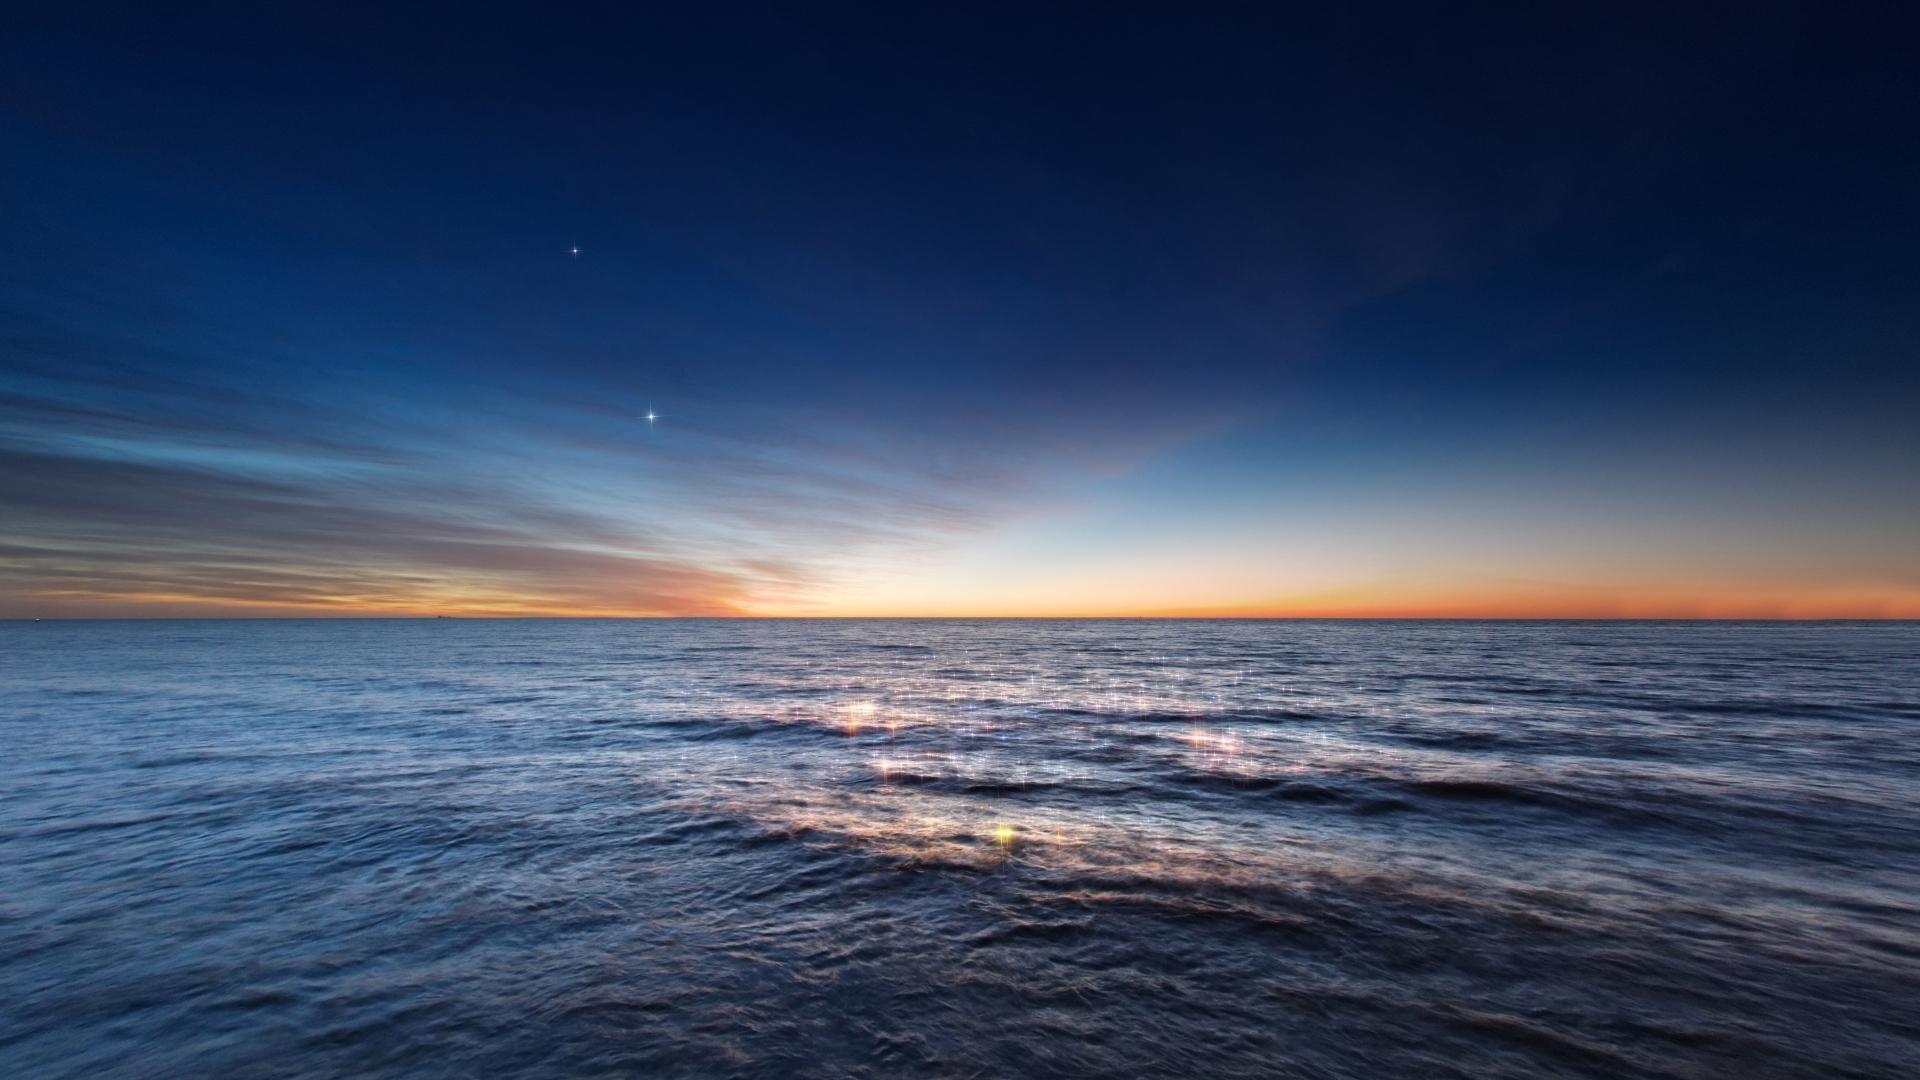 Imagen Gratis De Un Amanecer En El Océano, En HD